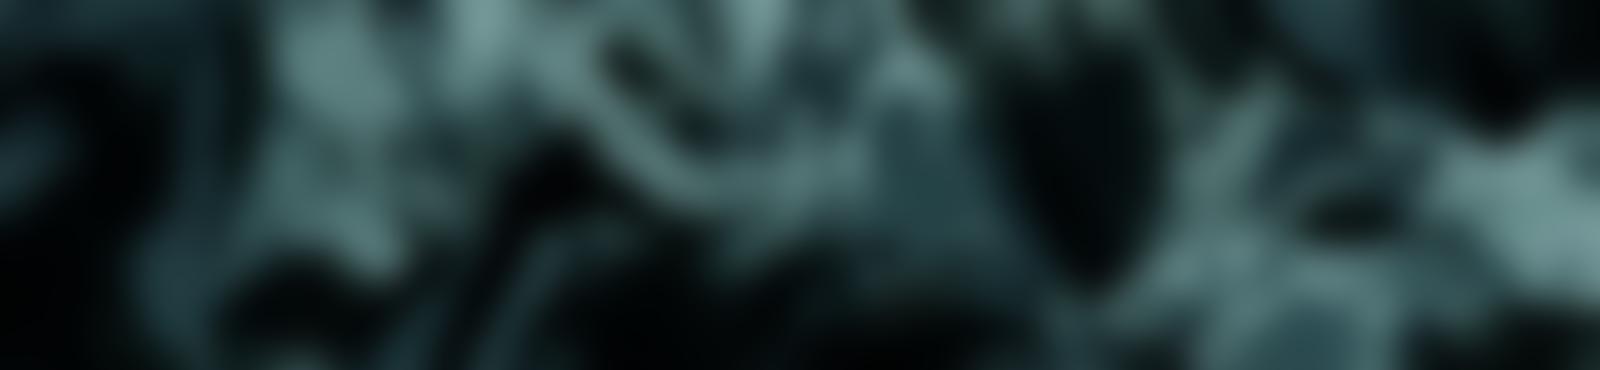 Blurred 1be66941 5a57 4f58 ab57 db6f6473236b